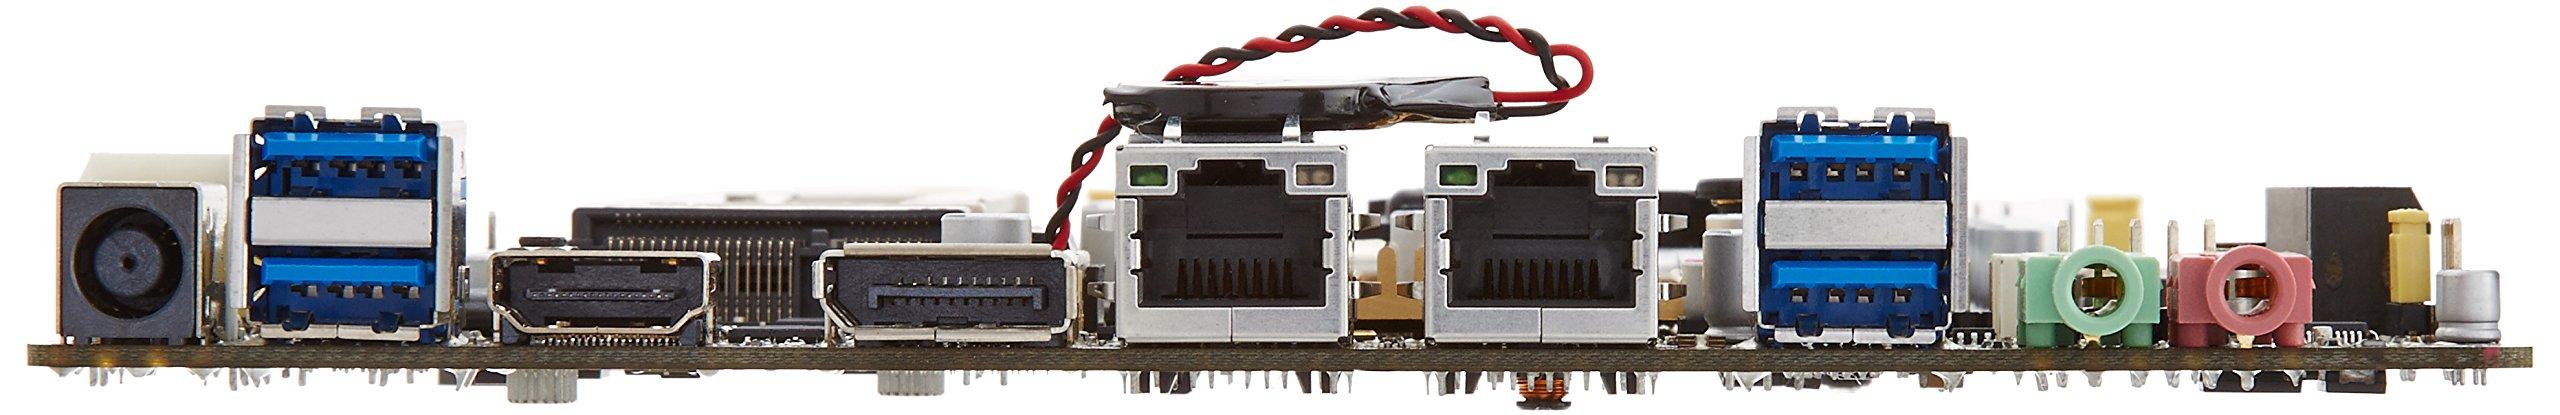 ASUS Mini ITX DDR3 1600 LGA 1150 Motherboard Q87T/CSM Mini ITX Q87T/CSM